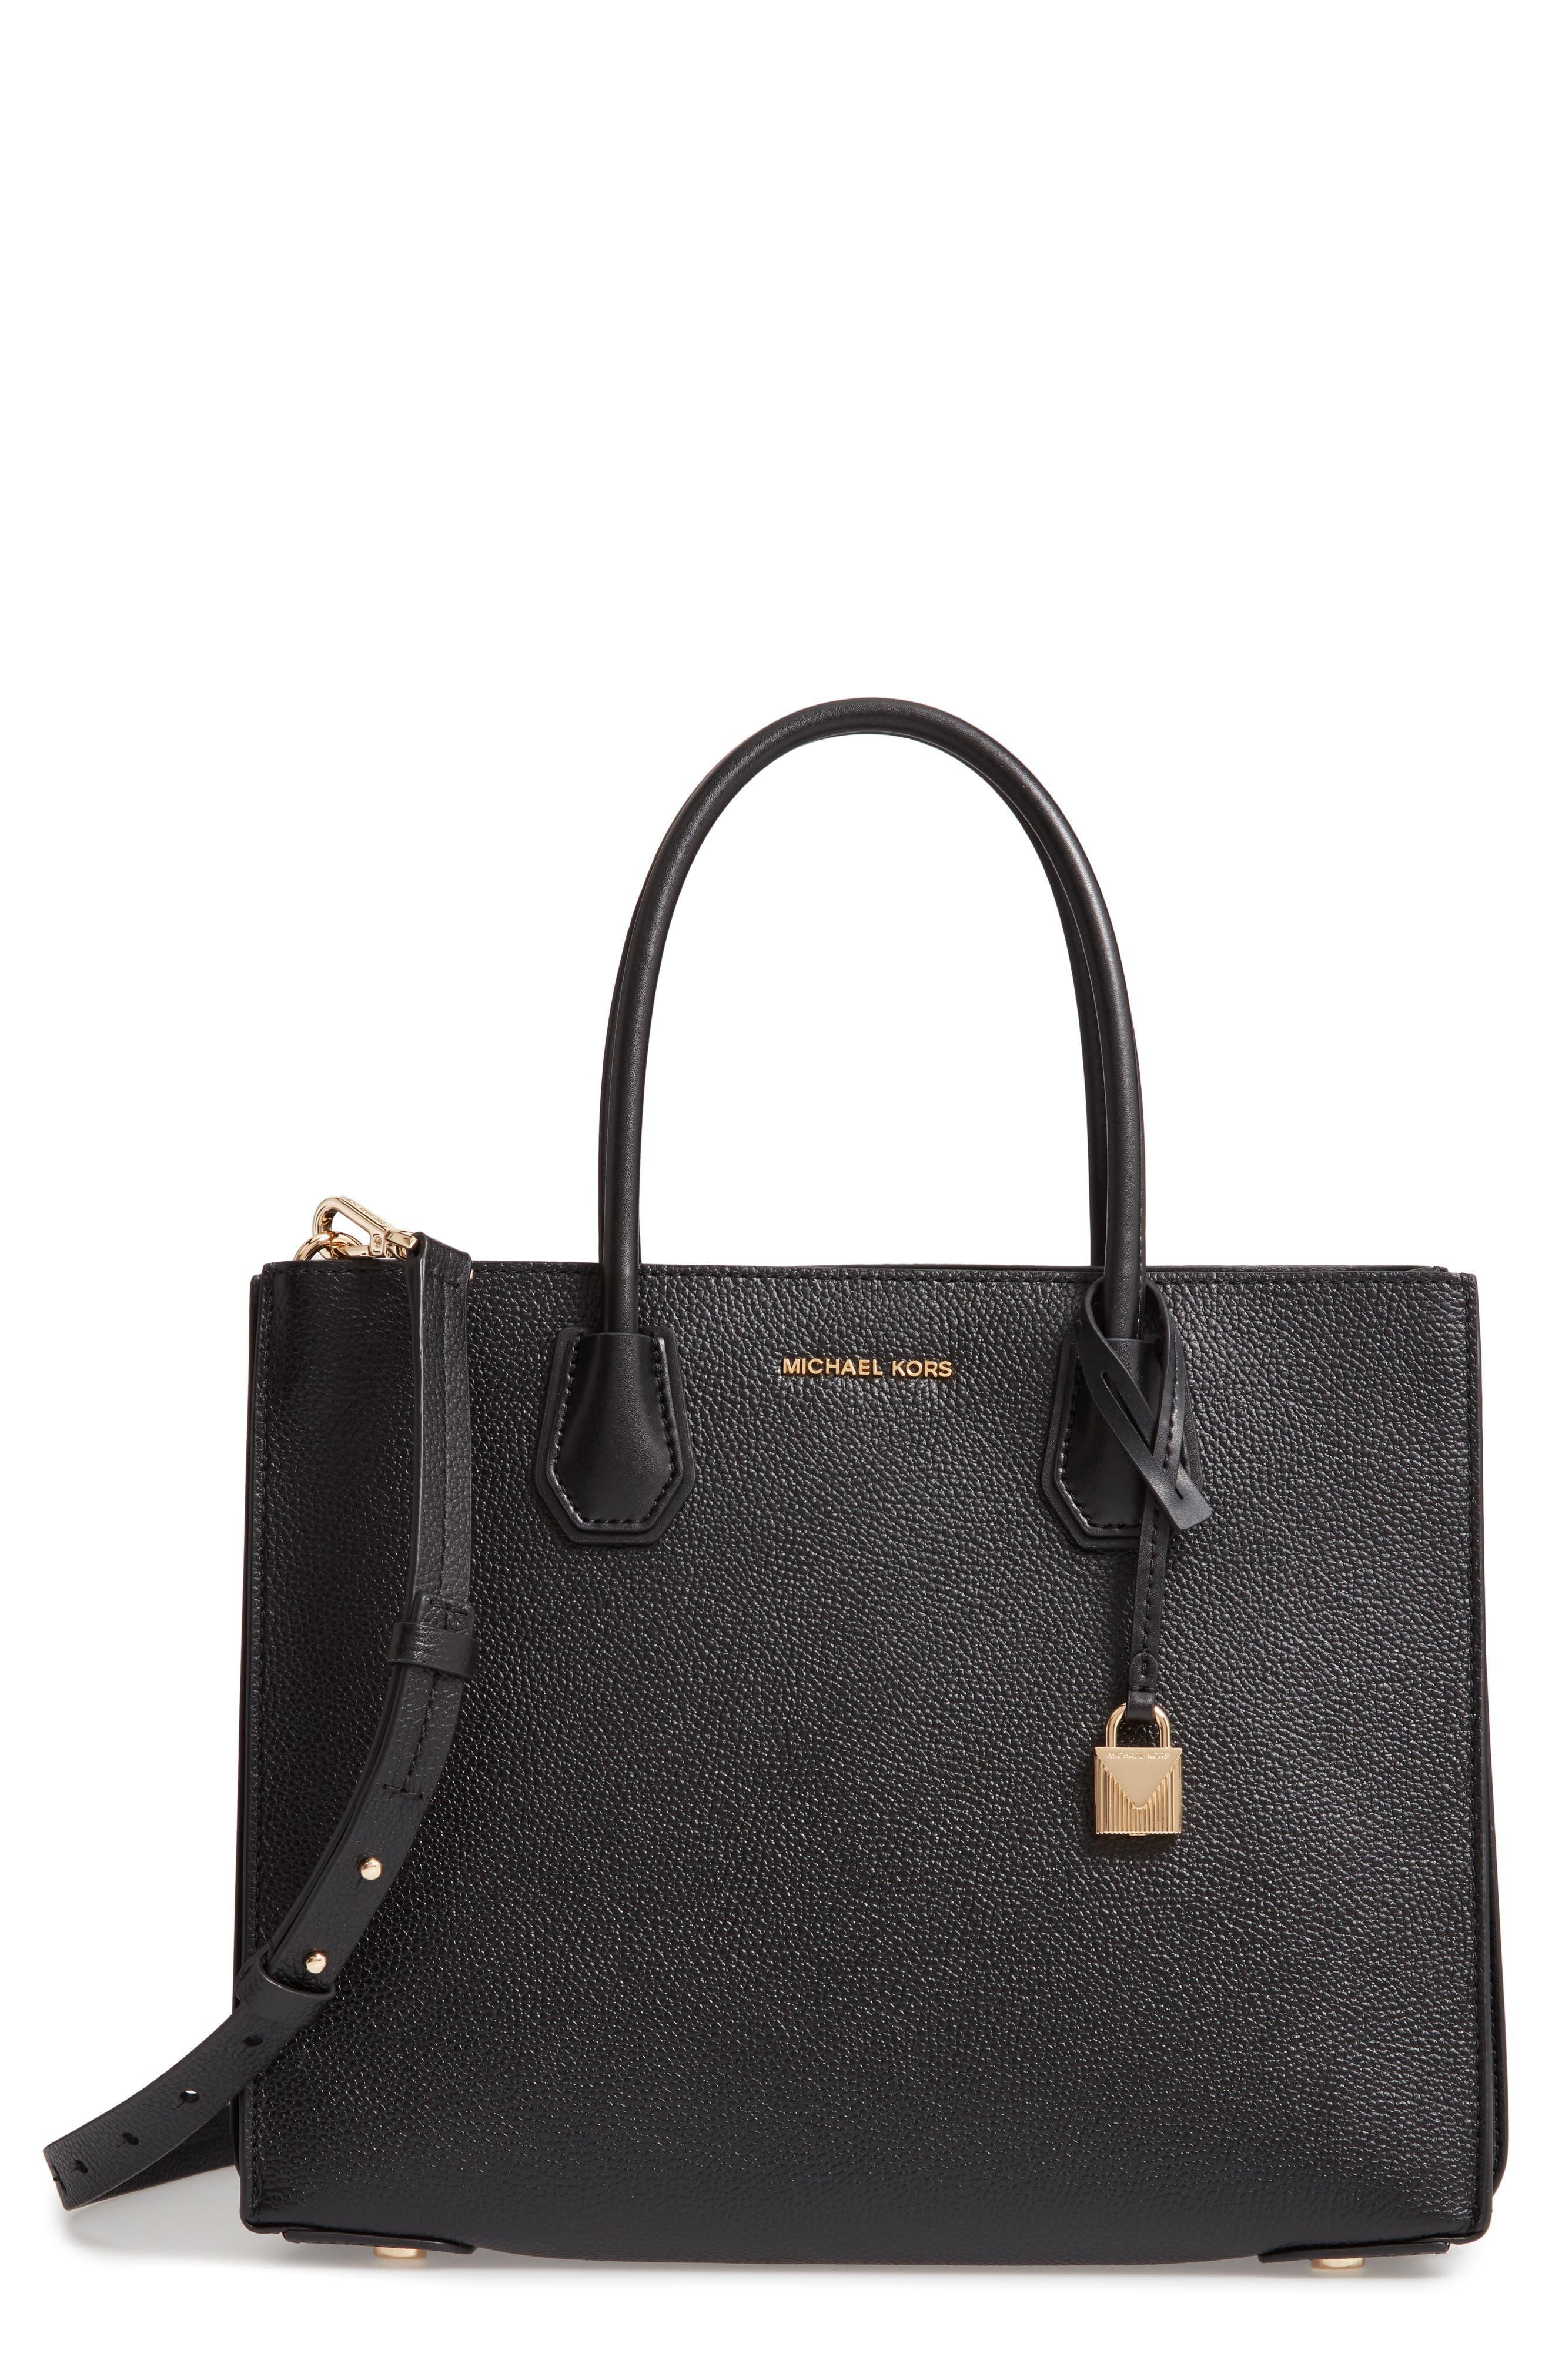 3e14fc8d806e michael kors handbags